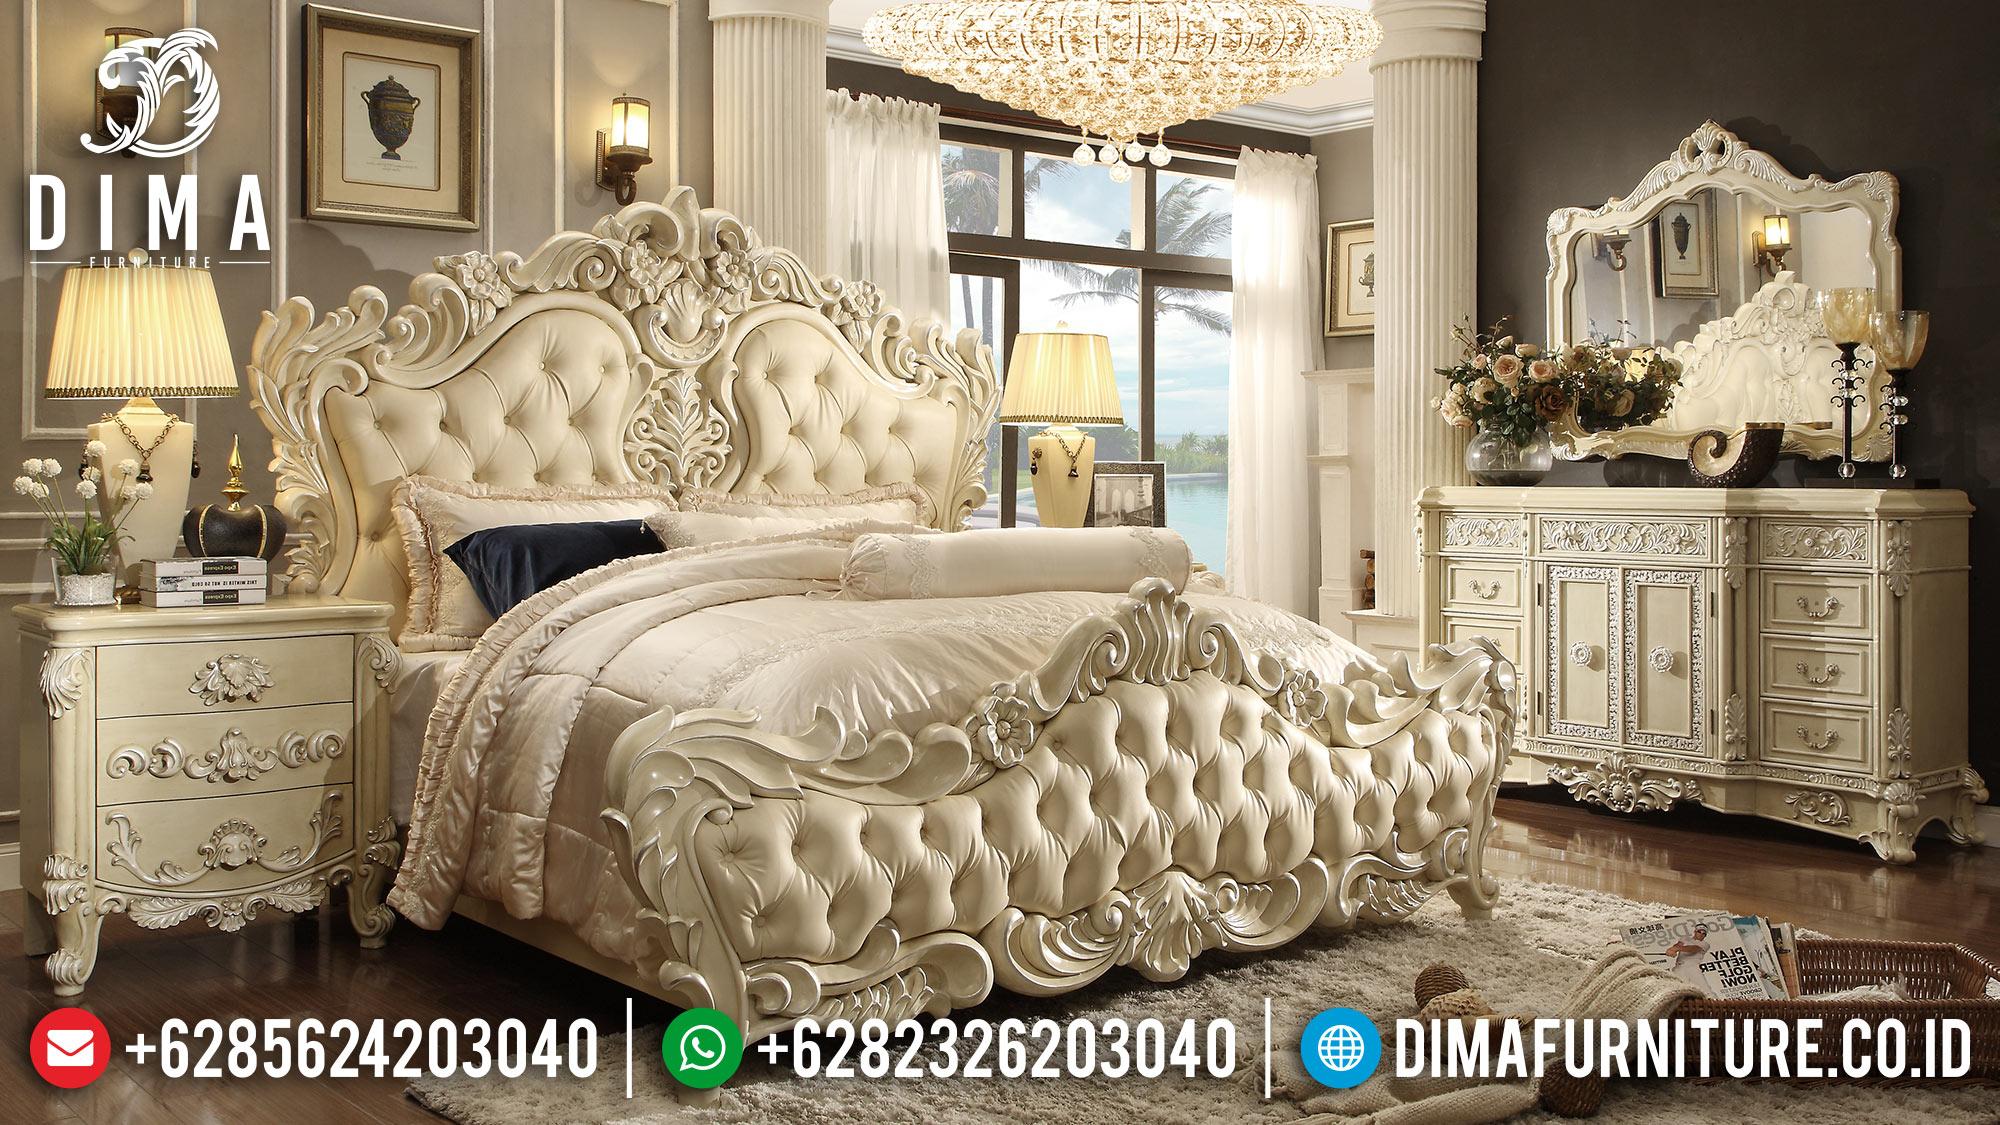 Kamar Set Mewah Jepara, Ranjang Pengantin Terbaru, Set Kamar Tidur Klasik Mewah ST-0549